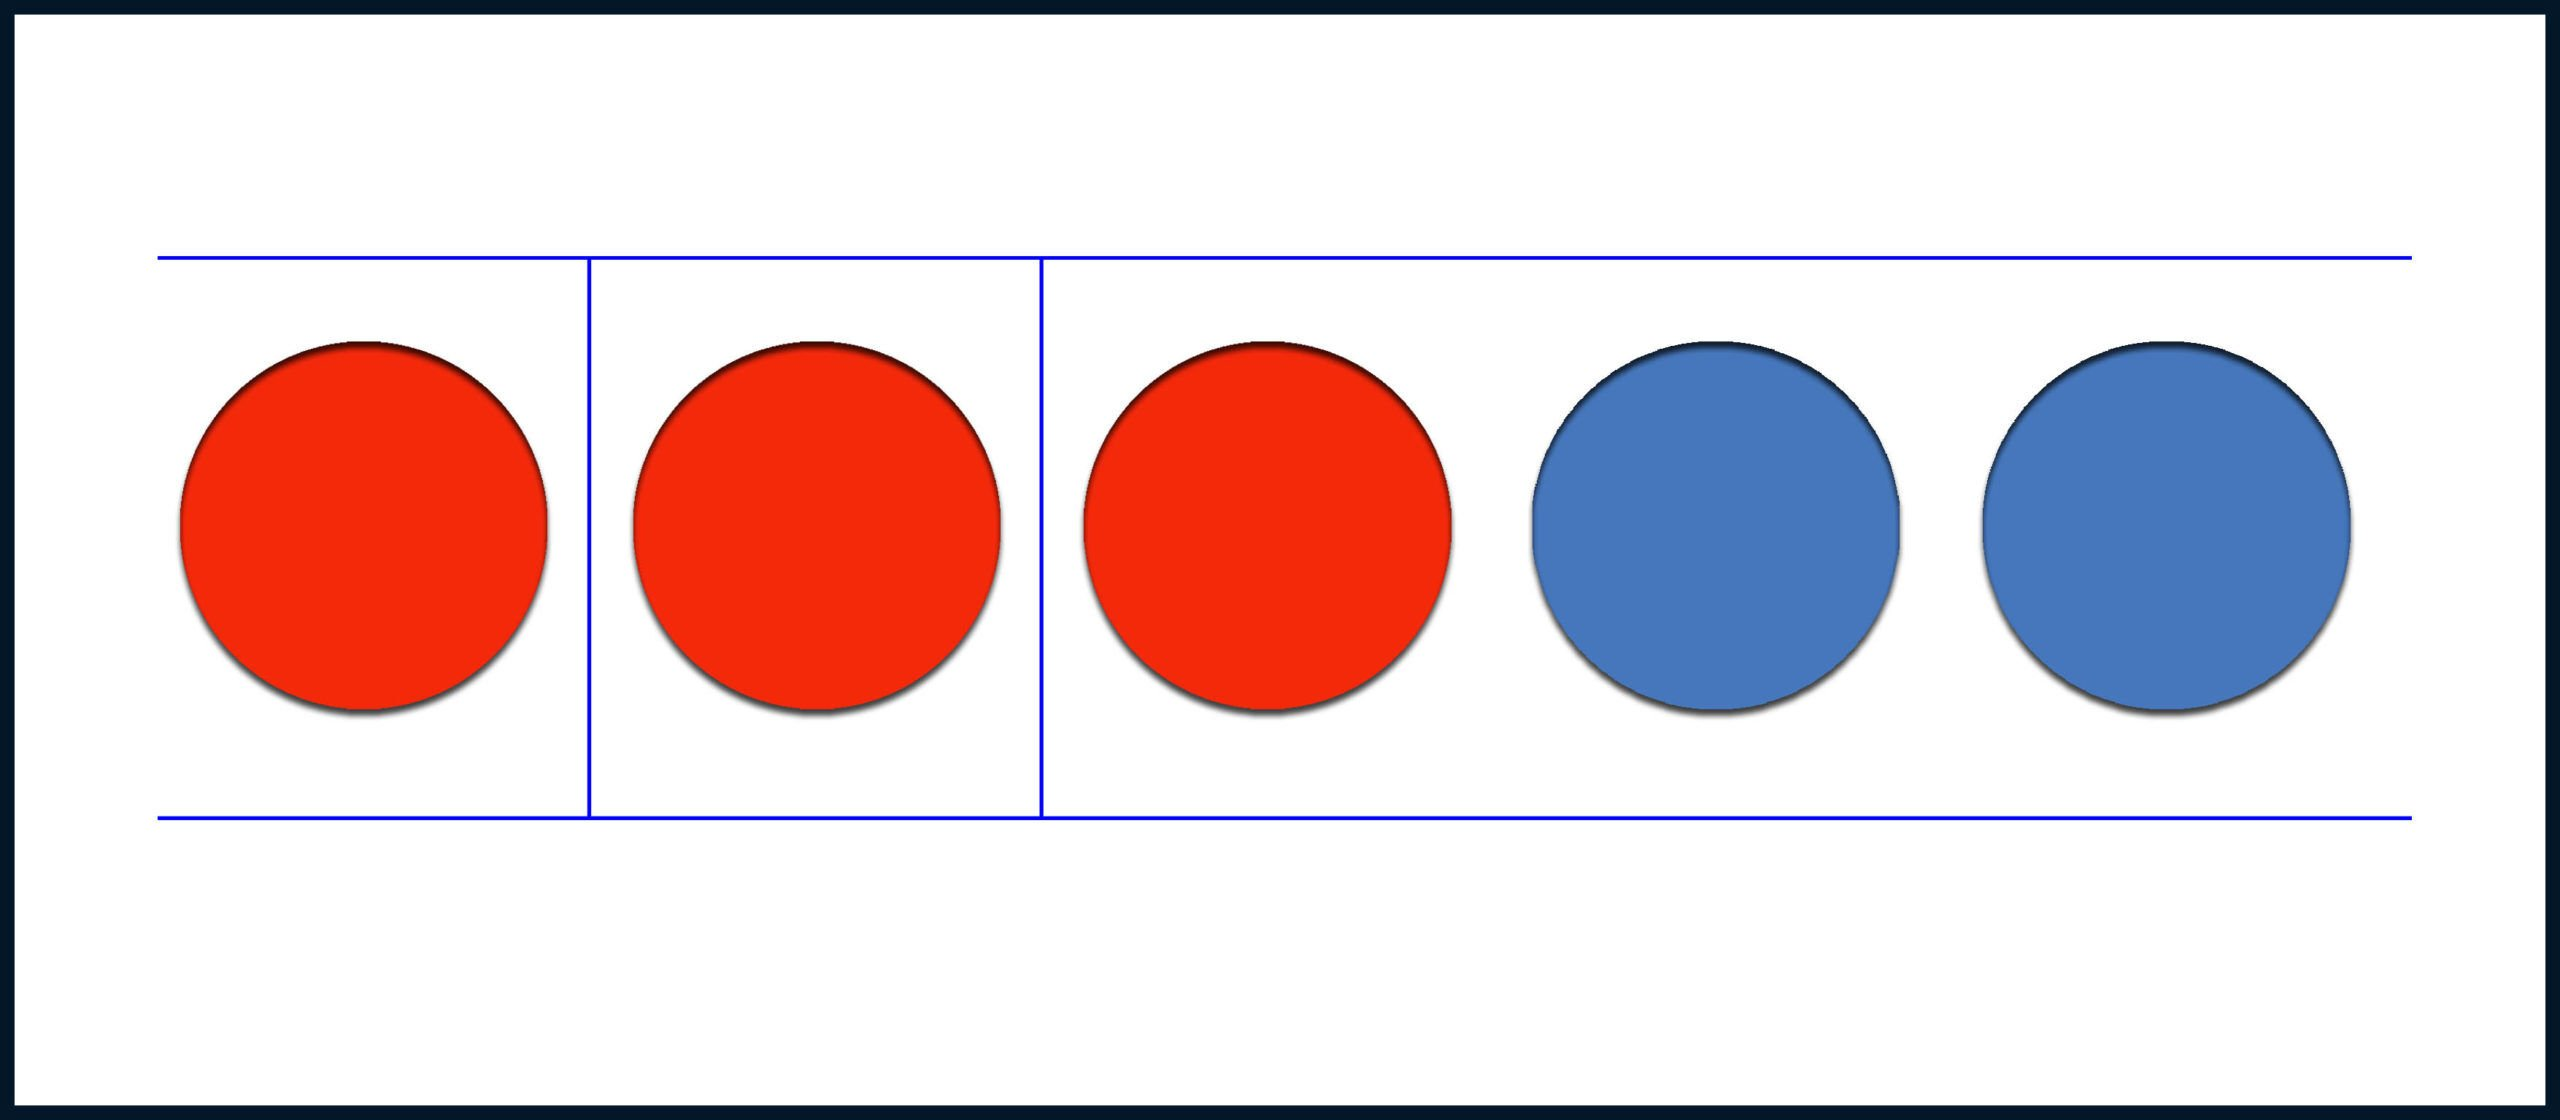 Осталось три красных круга